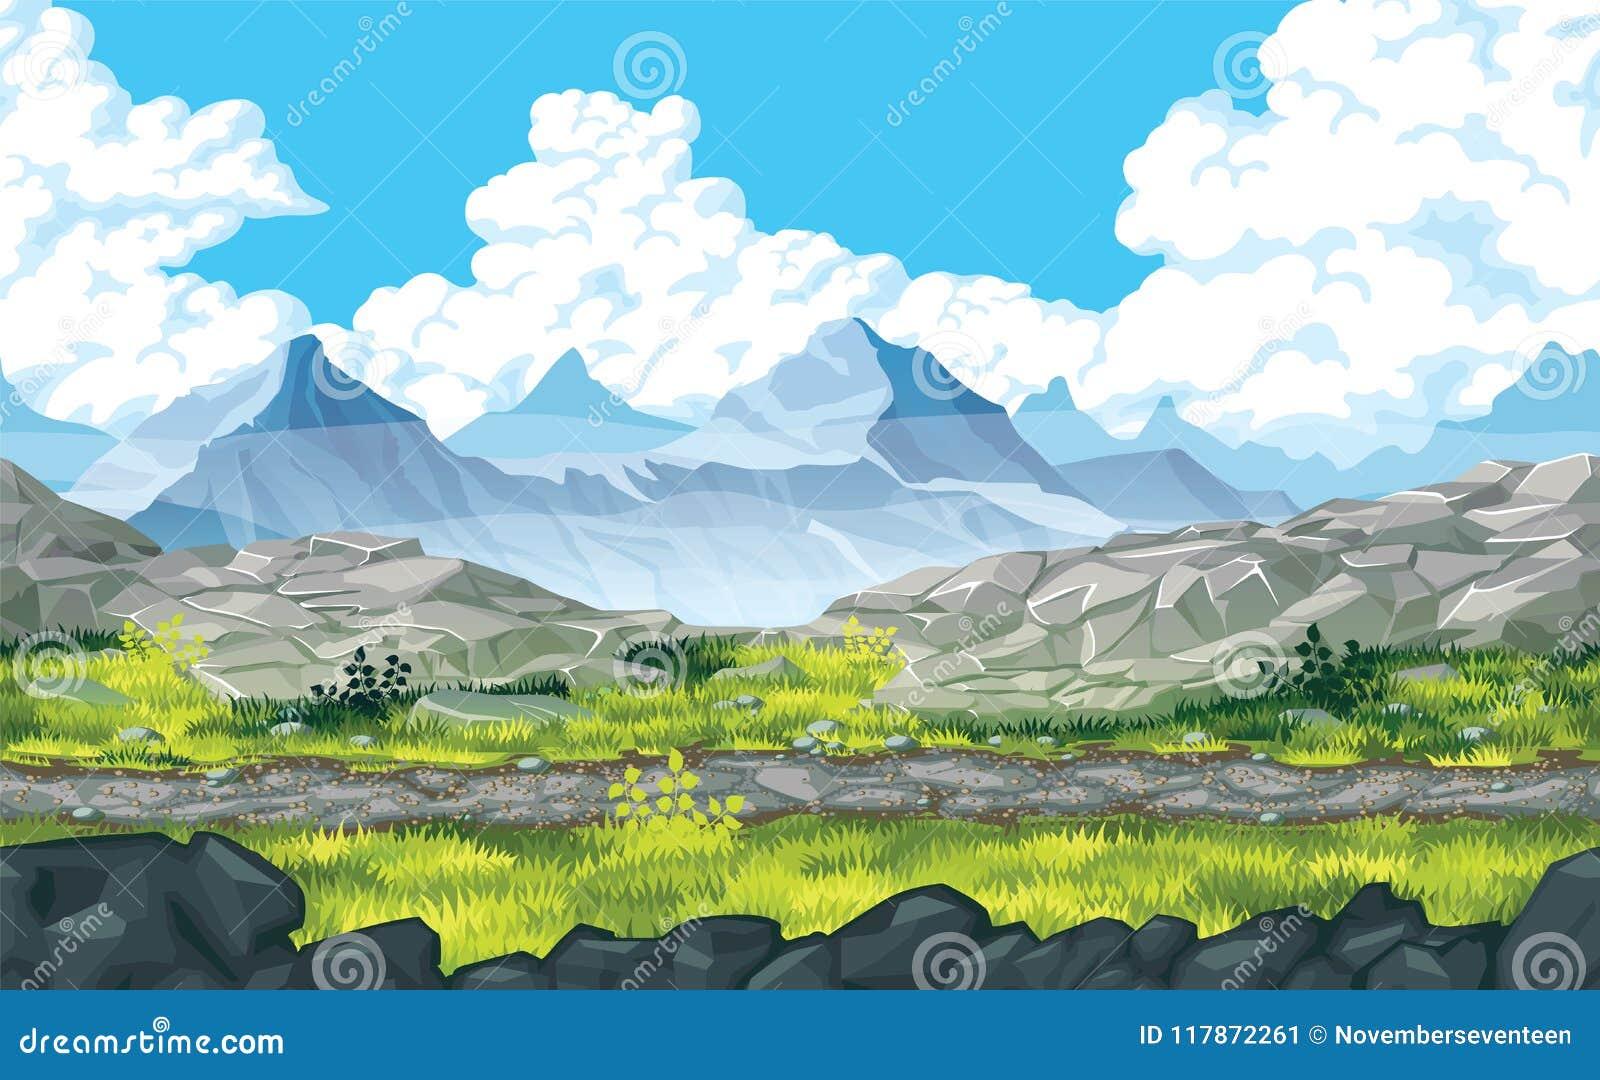 Fundo da paisagem com rochas e montanhas